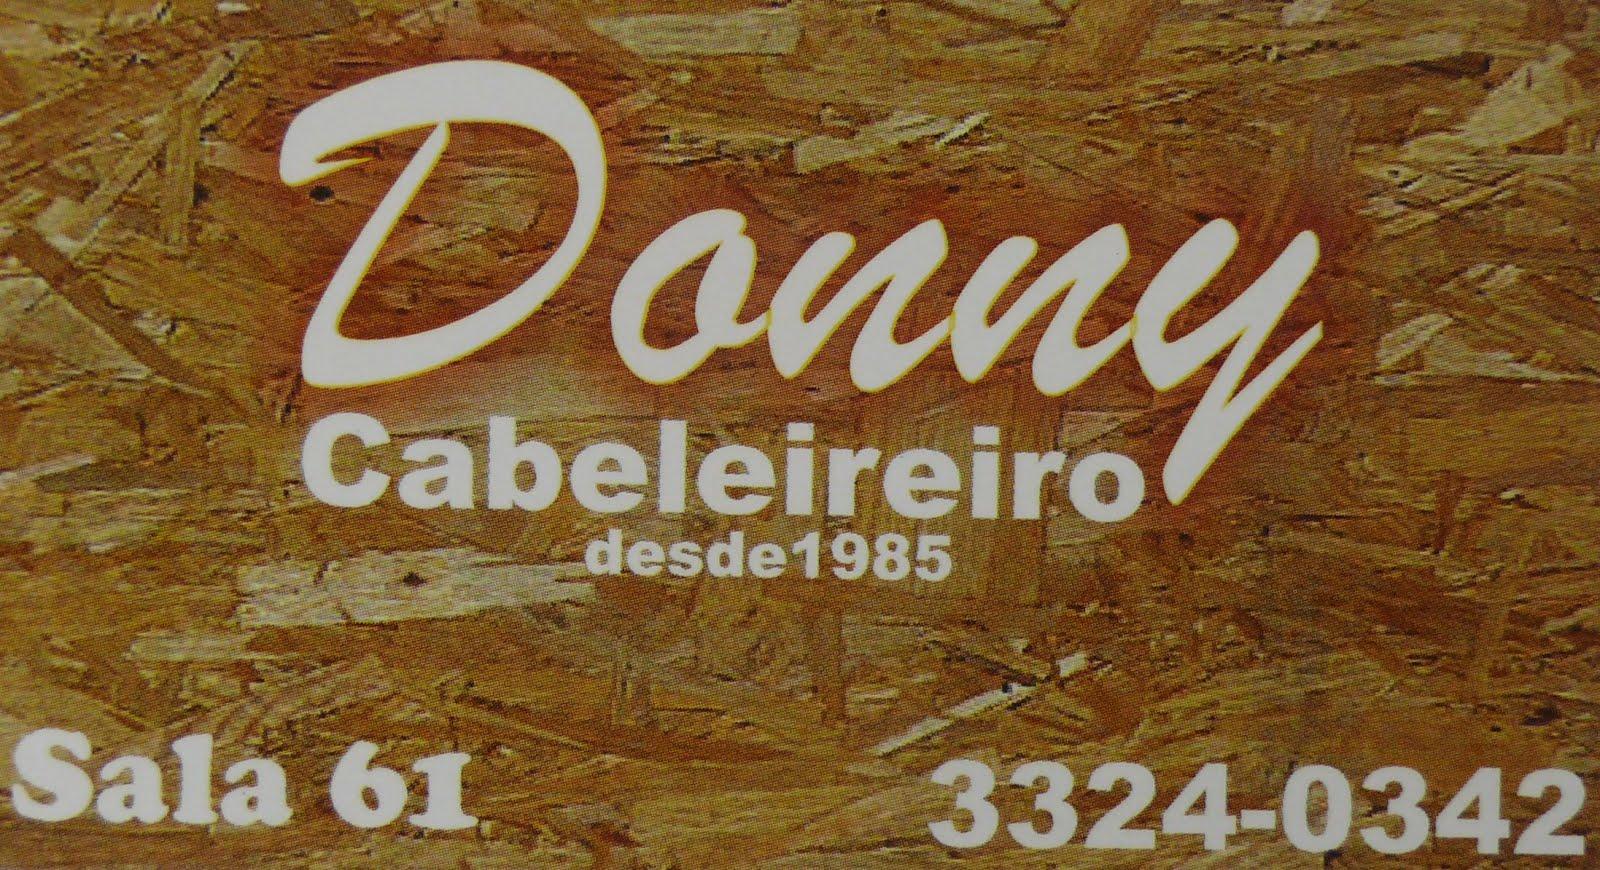 DONNY CABELEIREIRO